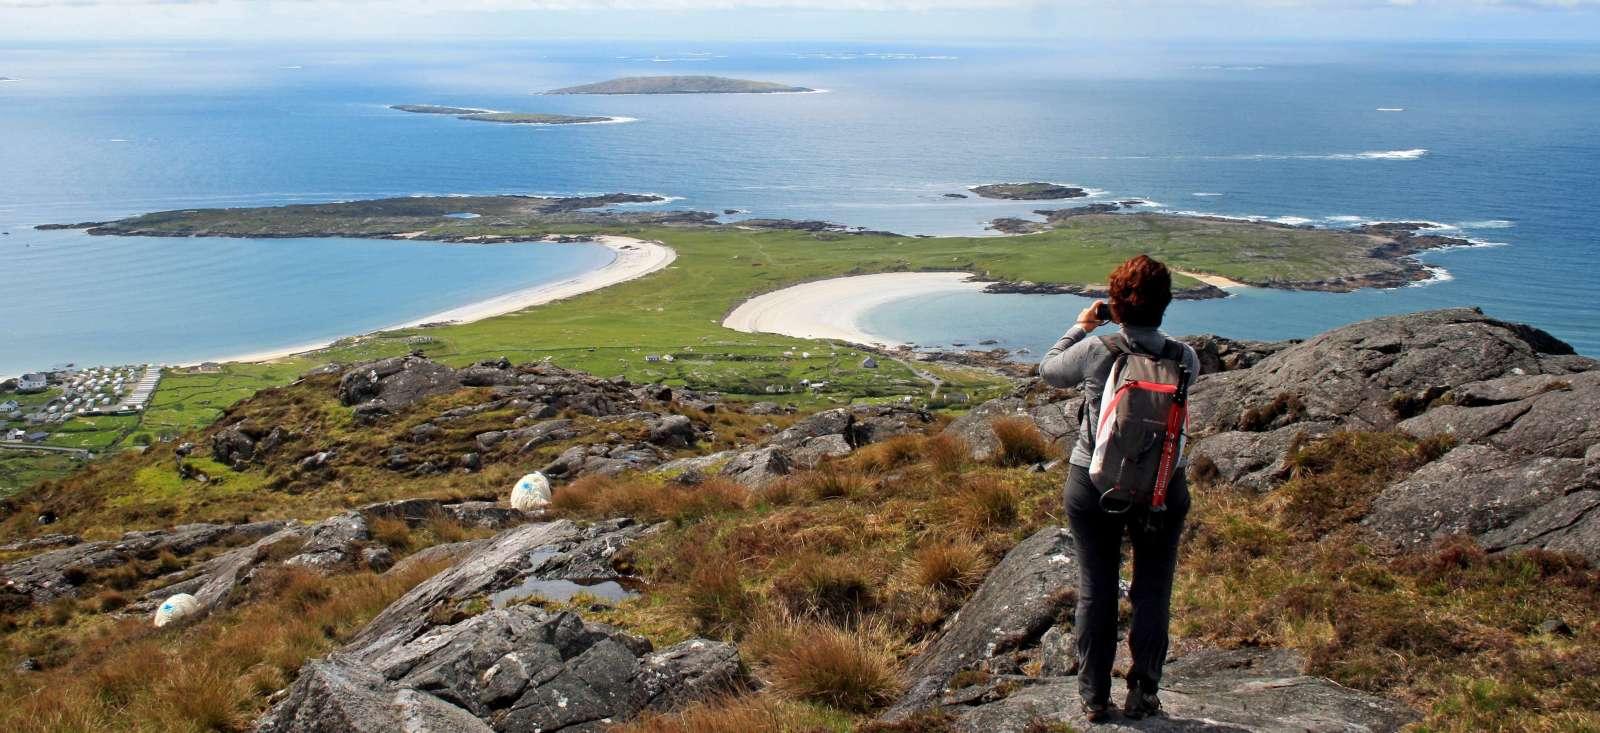 Voyage à pied Irlande : Iles et mystères de l\'ouest irlandais